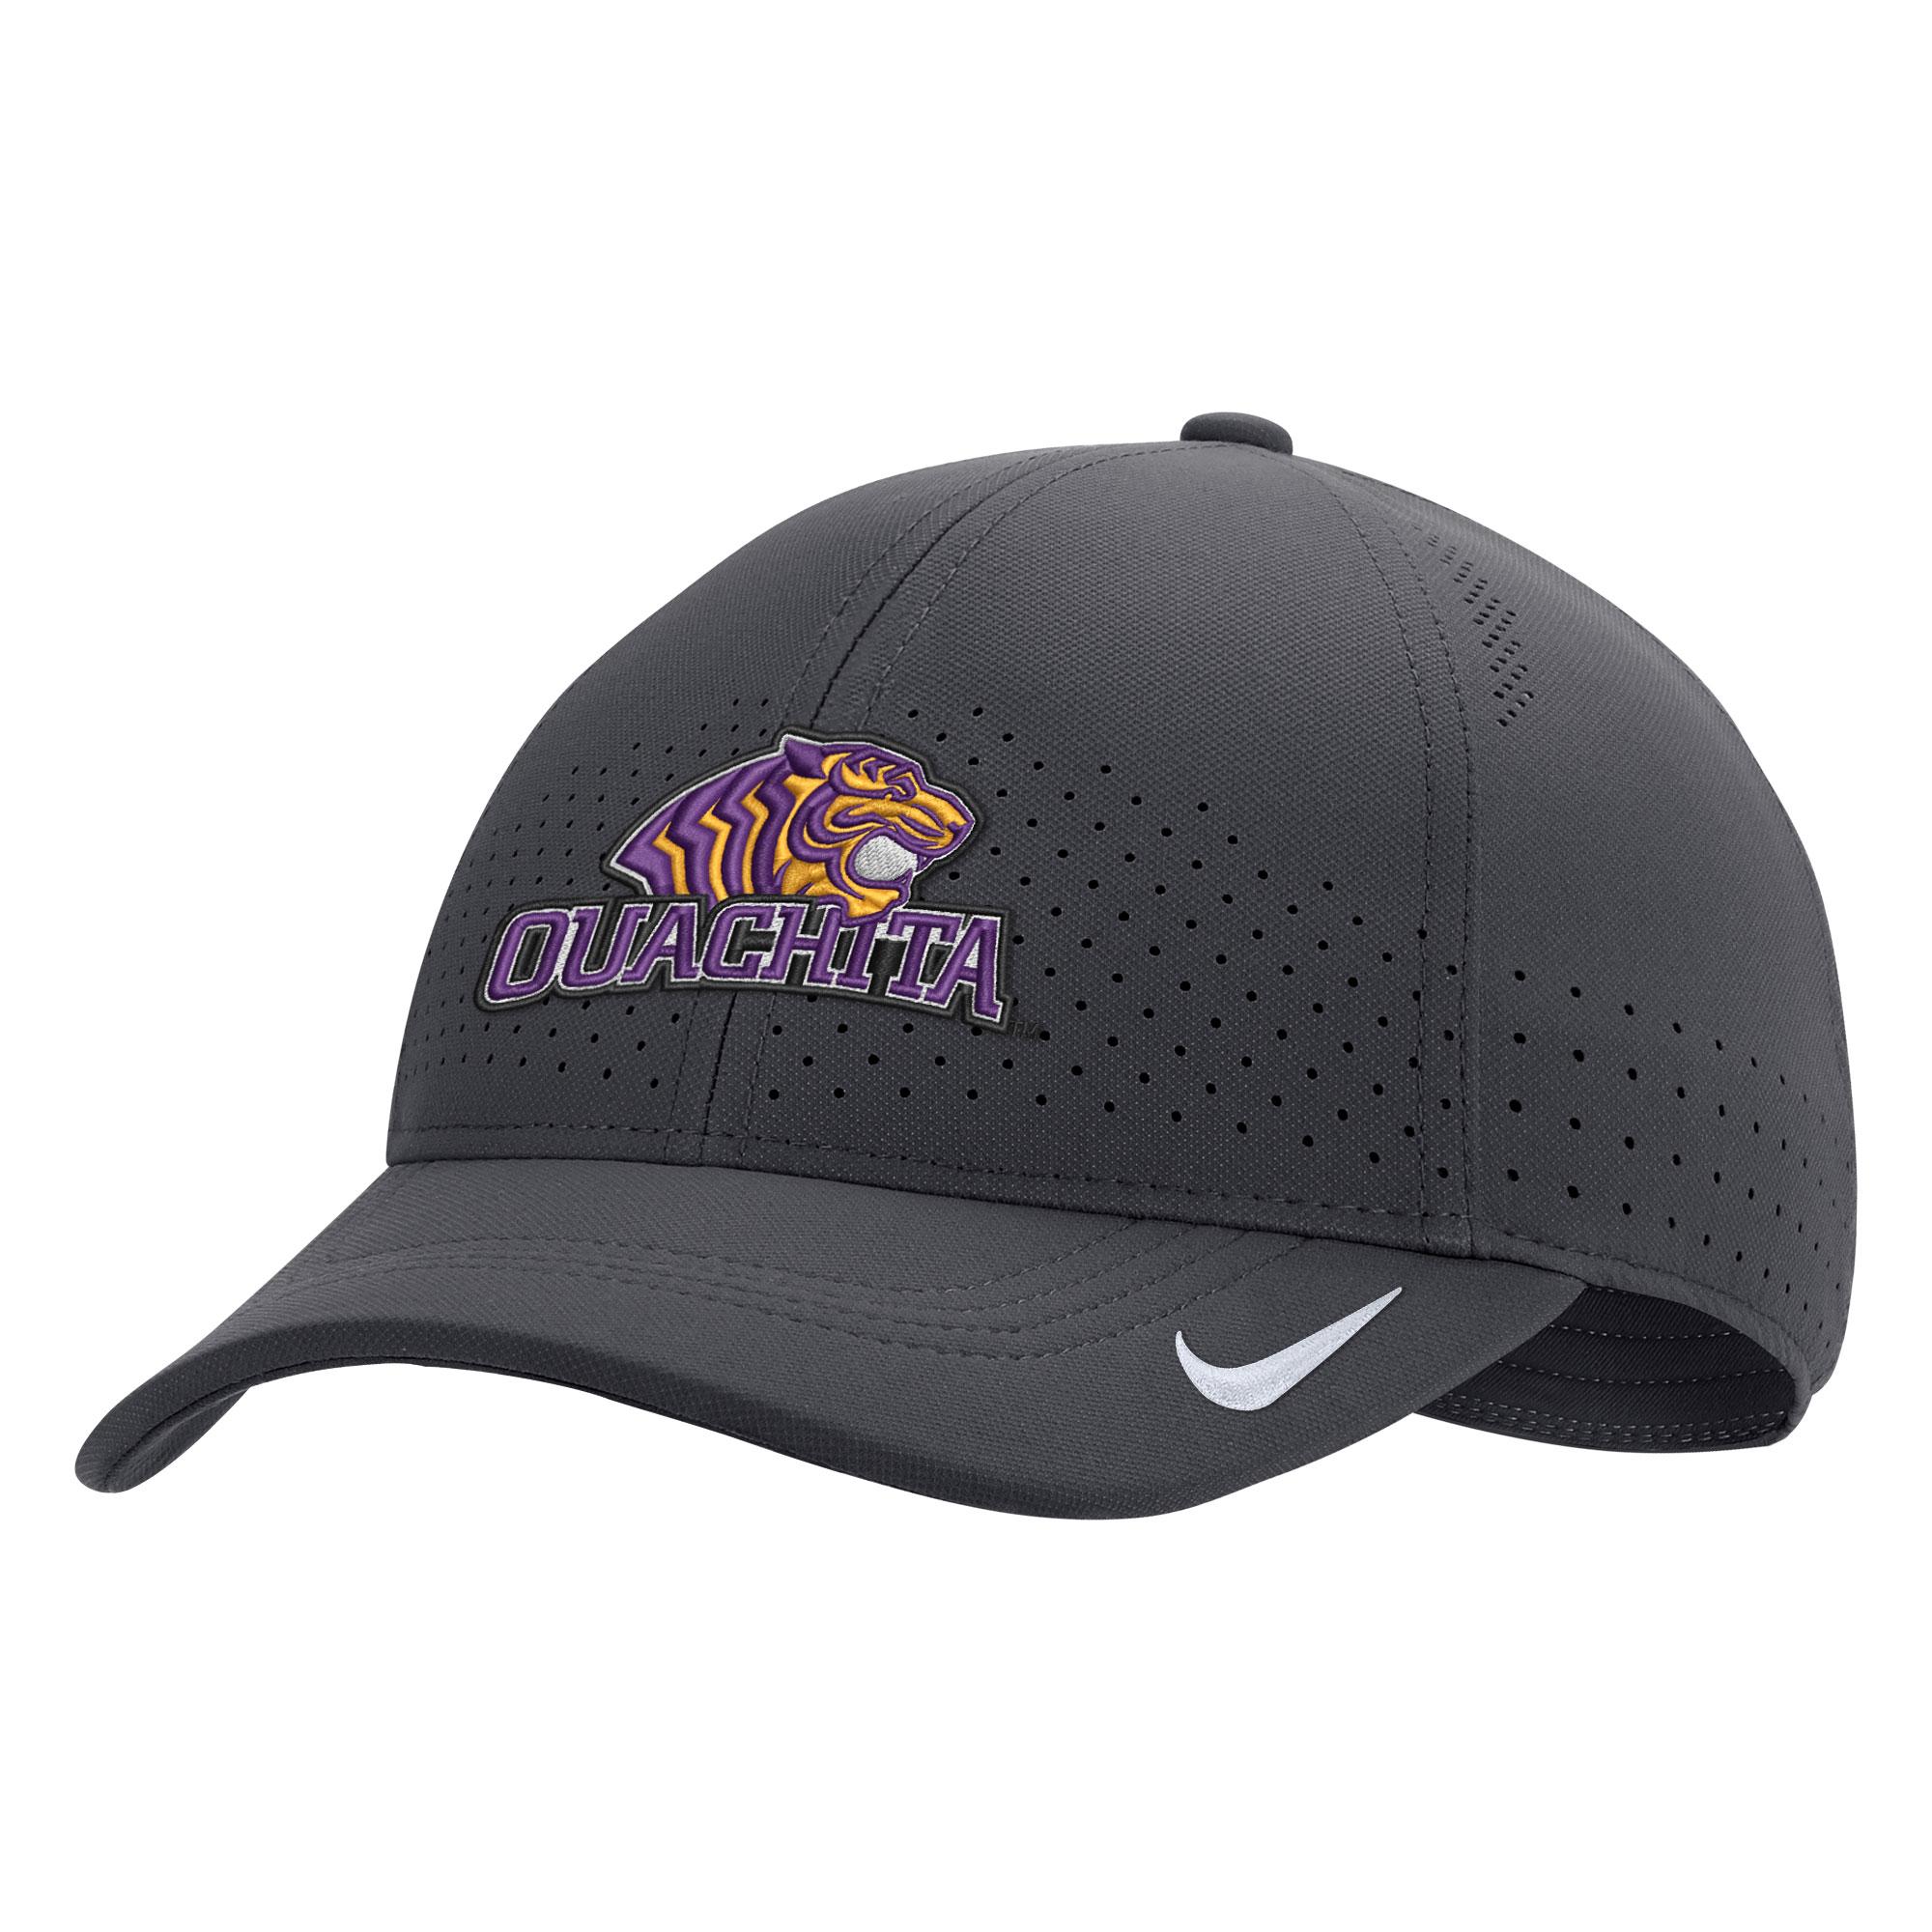 image of: OUACHITA NIKE SIDELINE ADJUSTABLE HAT